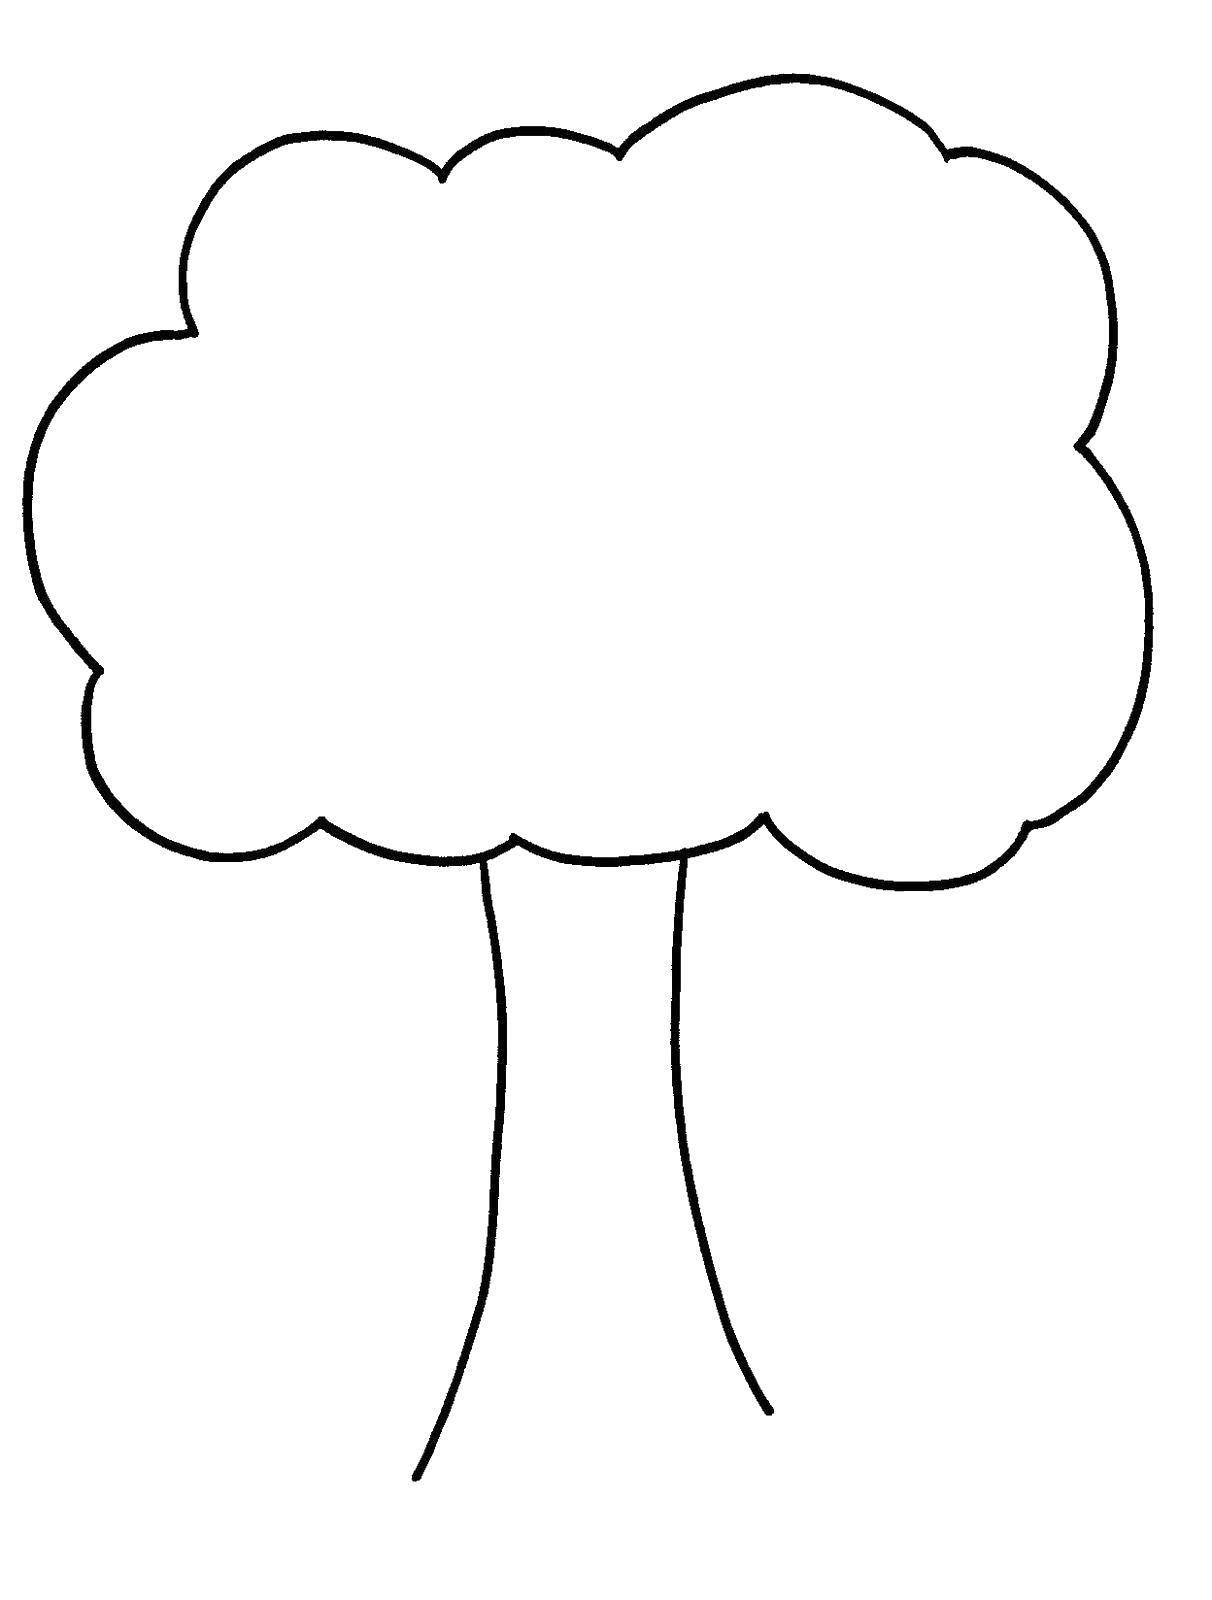 Раскраски Раскраска Высохщие деревья Контур дерева ...